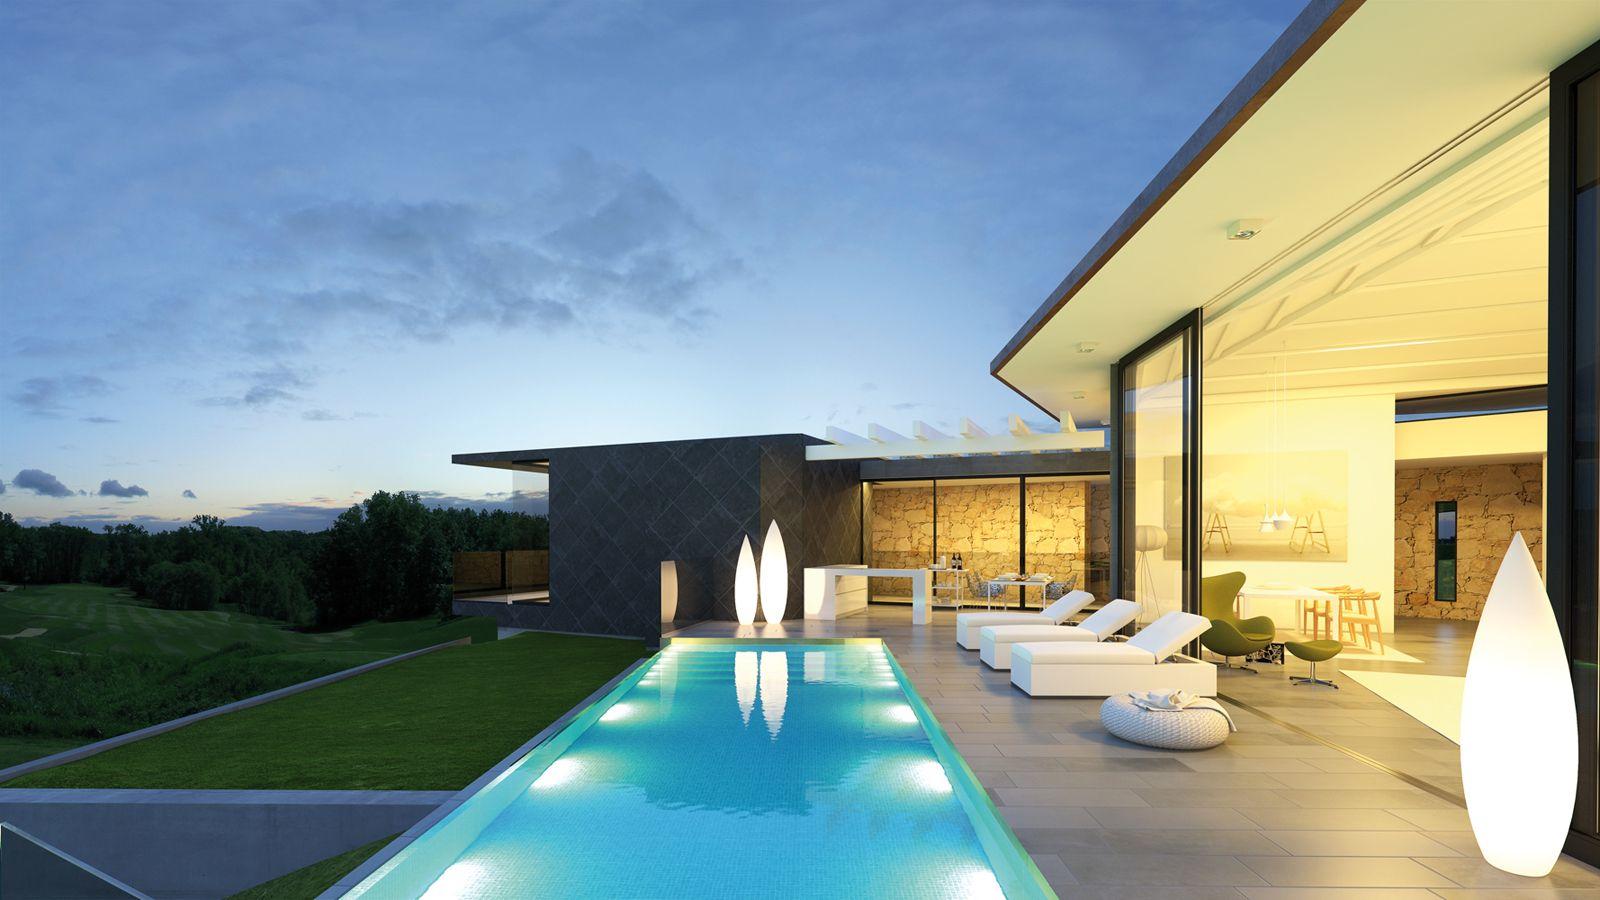 Home design exterieur und interieur pin by suantoni immobilier on beaux extÉrieurs  pinterest